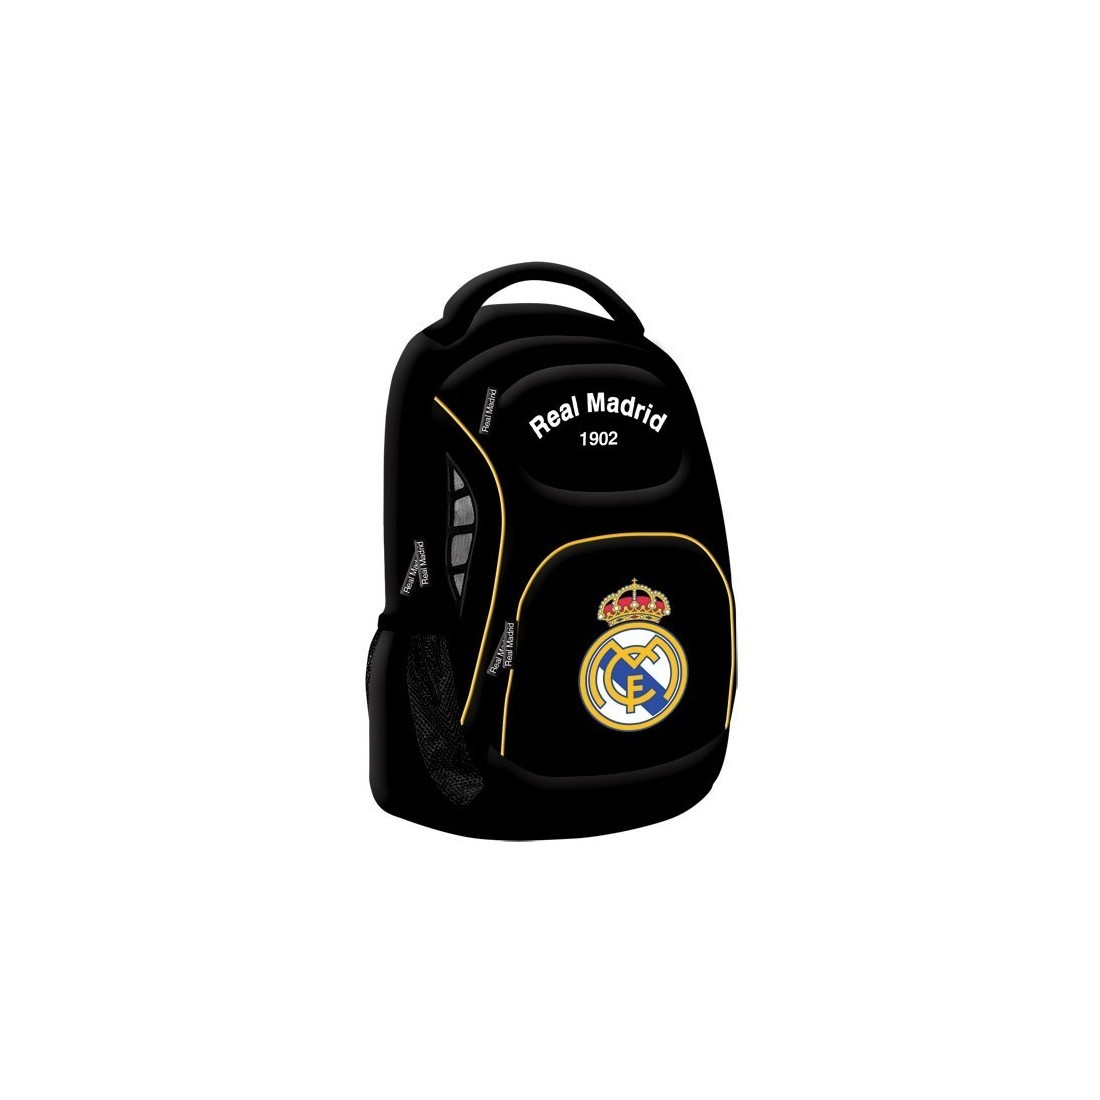 Plecak Real Madryt Czarny C1 - plecak-tornister.pl